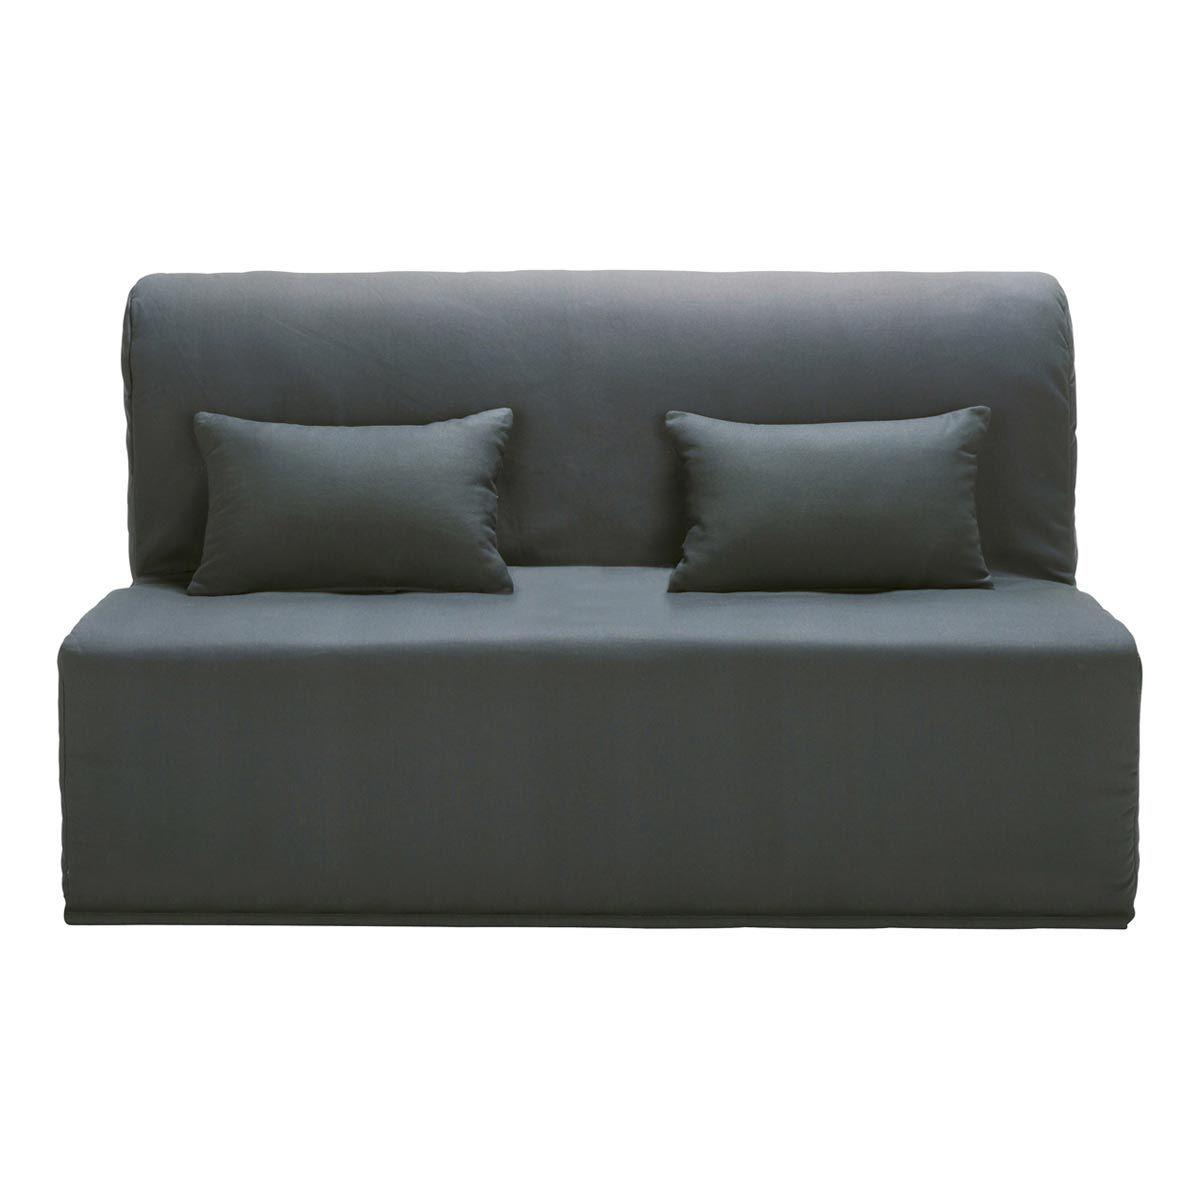 Fundas Para Un Sofa Cama White Chaise Lounge Funda De Algodón Gris Pizarra Sofá Acordeón